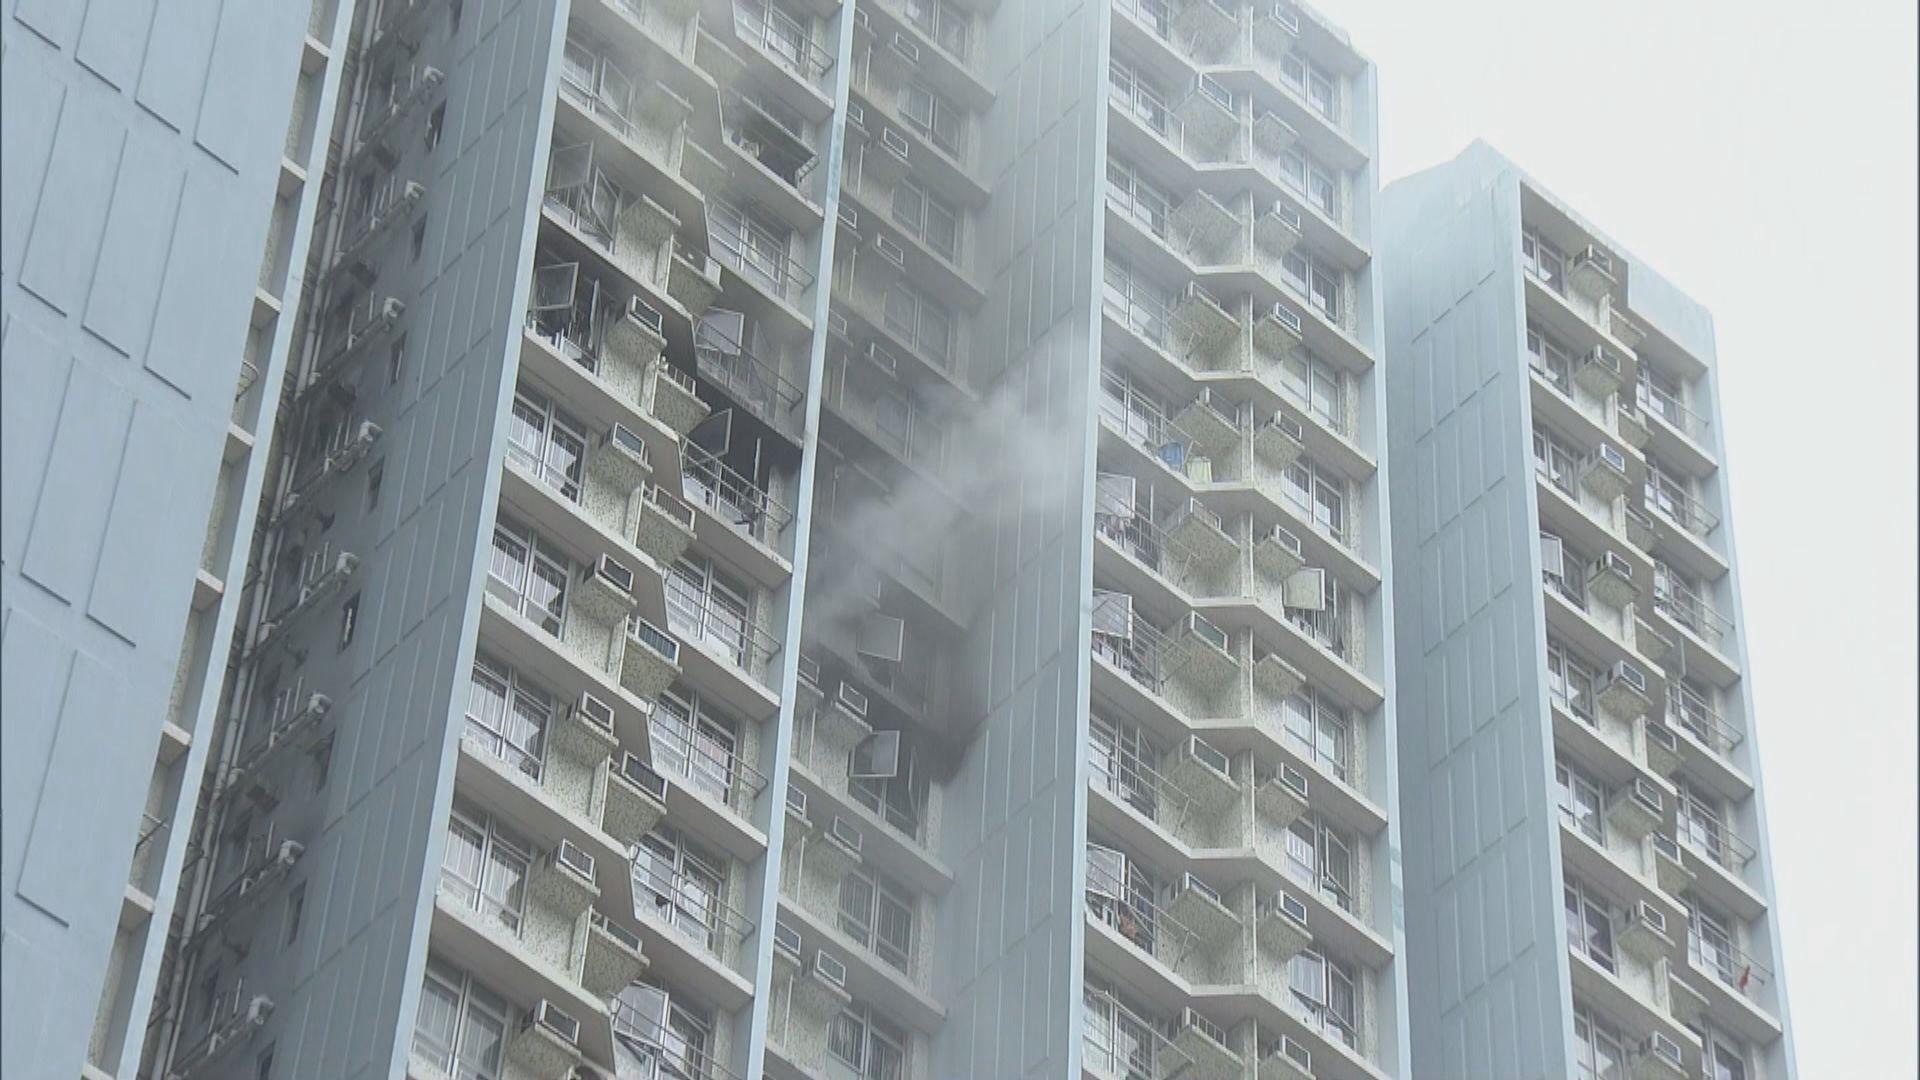 慈雲山慈樂邨一個單位火警 無人受傷